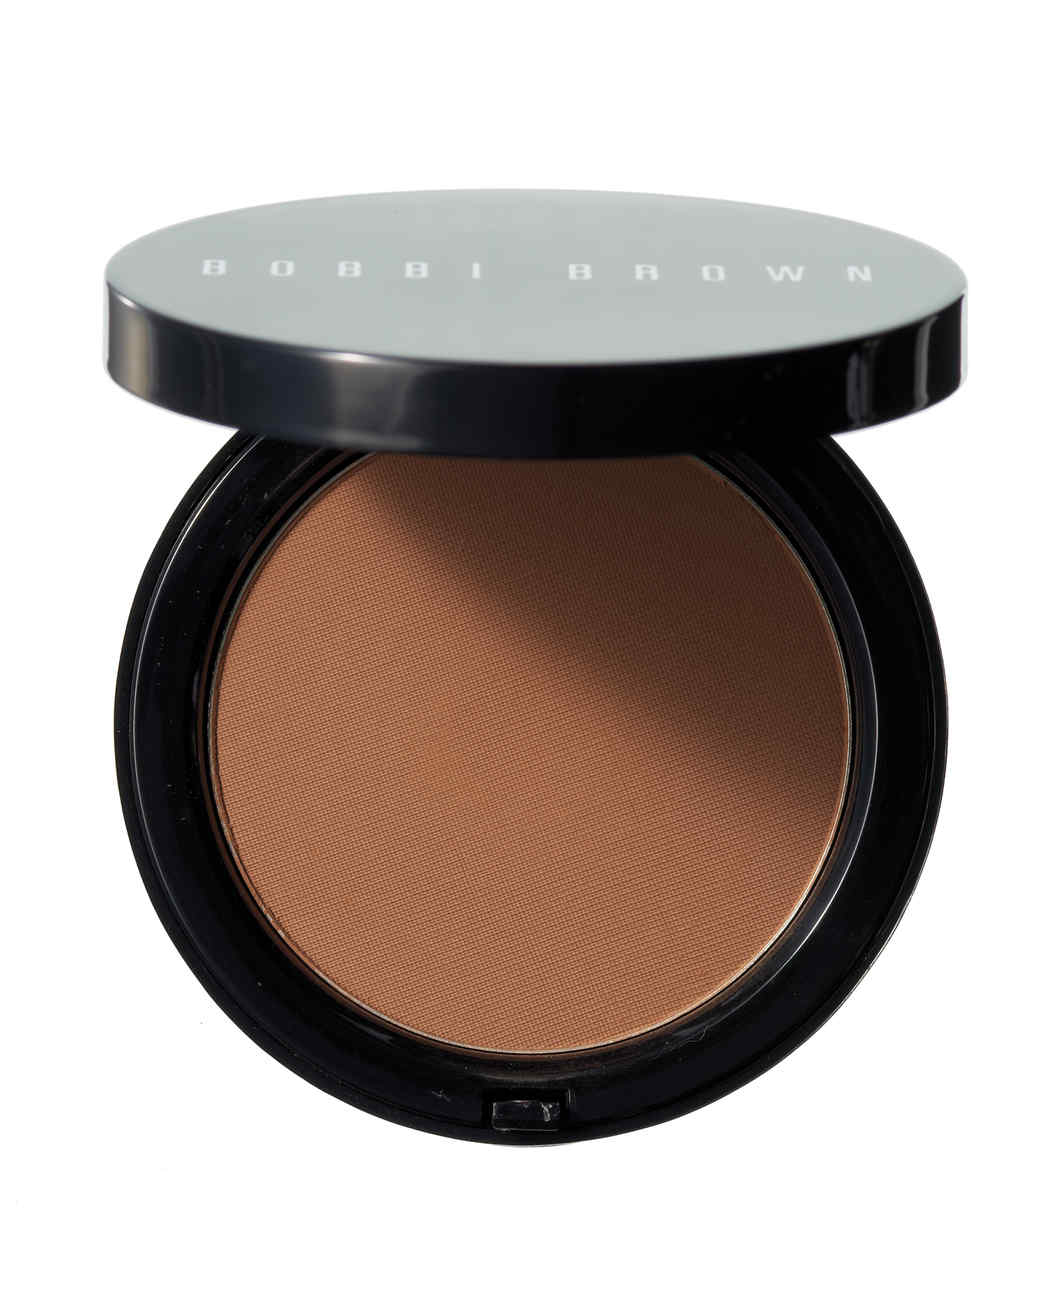 bobbi-brown-bronzing-powder-002-mld109568.jpg